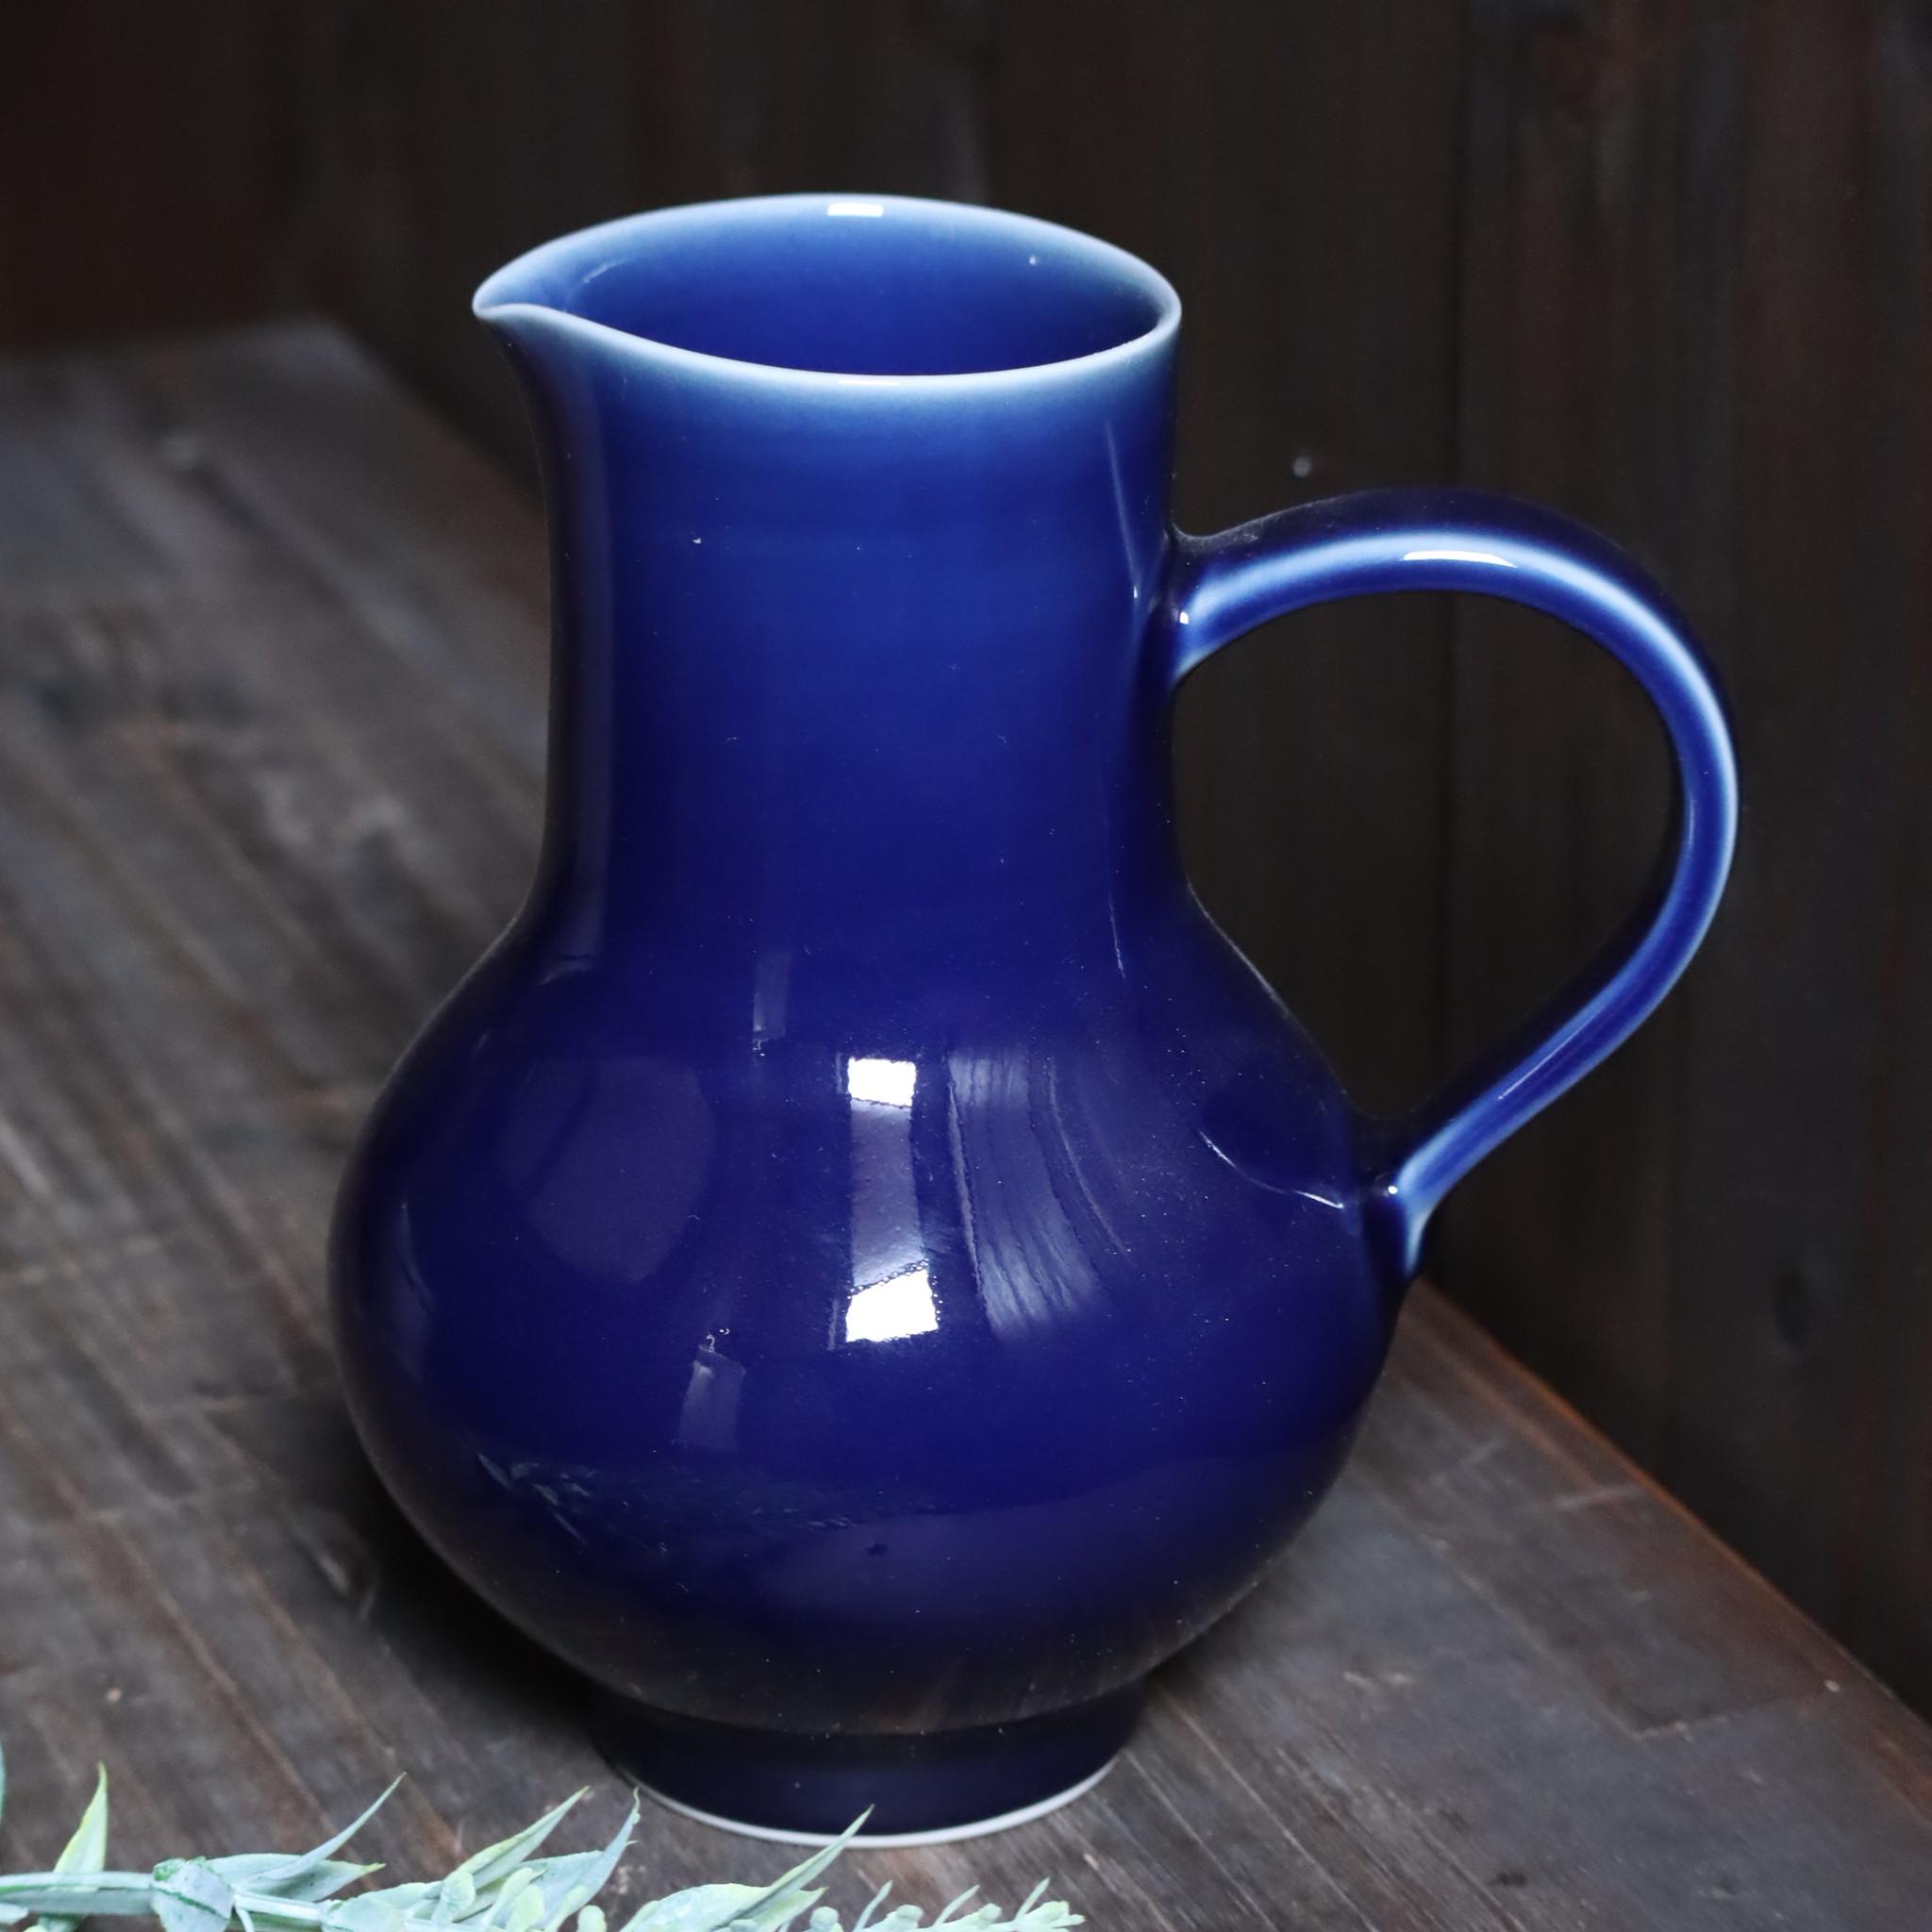 【新作入荷のお知らせ】瑠璃釉ピッチャー・白磁高台小鉢